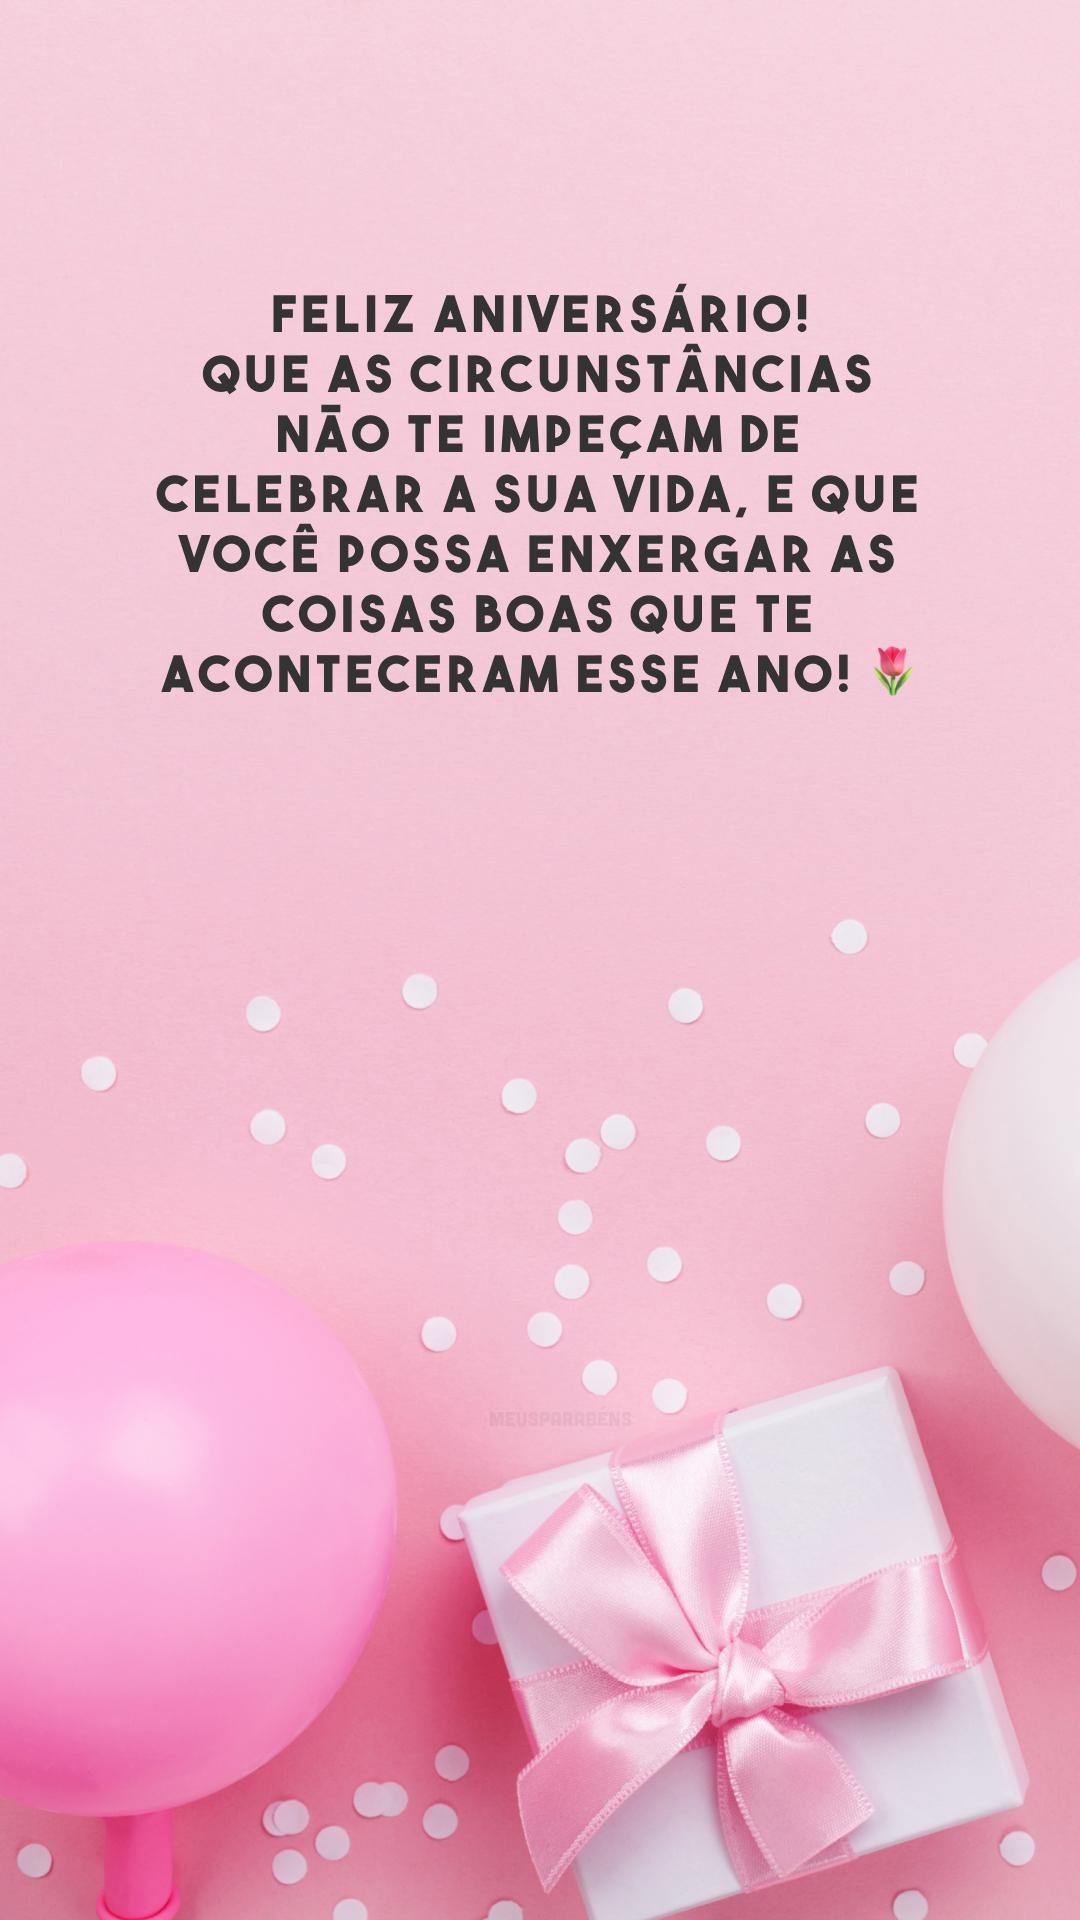 Feliz aniversário! Que as circunstâncias não te impeçam de celebrar a sua vida, e que você possa enxergar as coisas boas que te aconteceram esse ano! 🌹